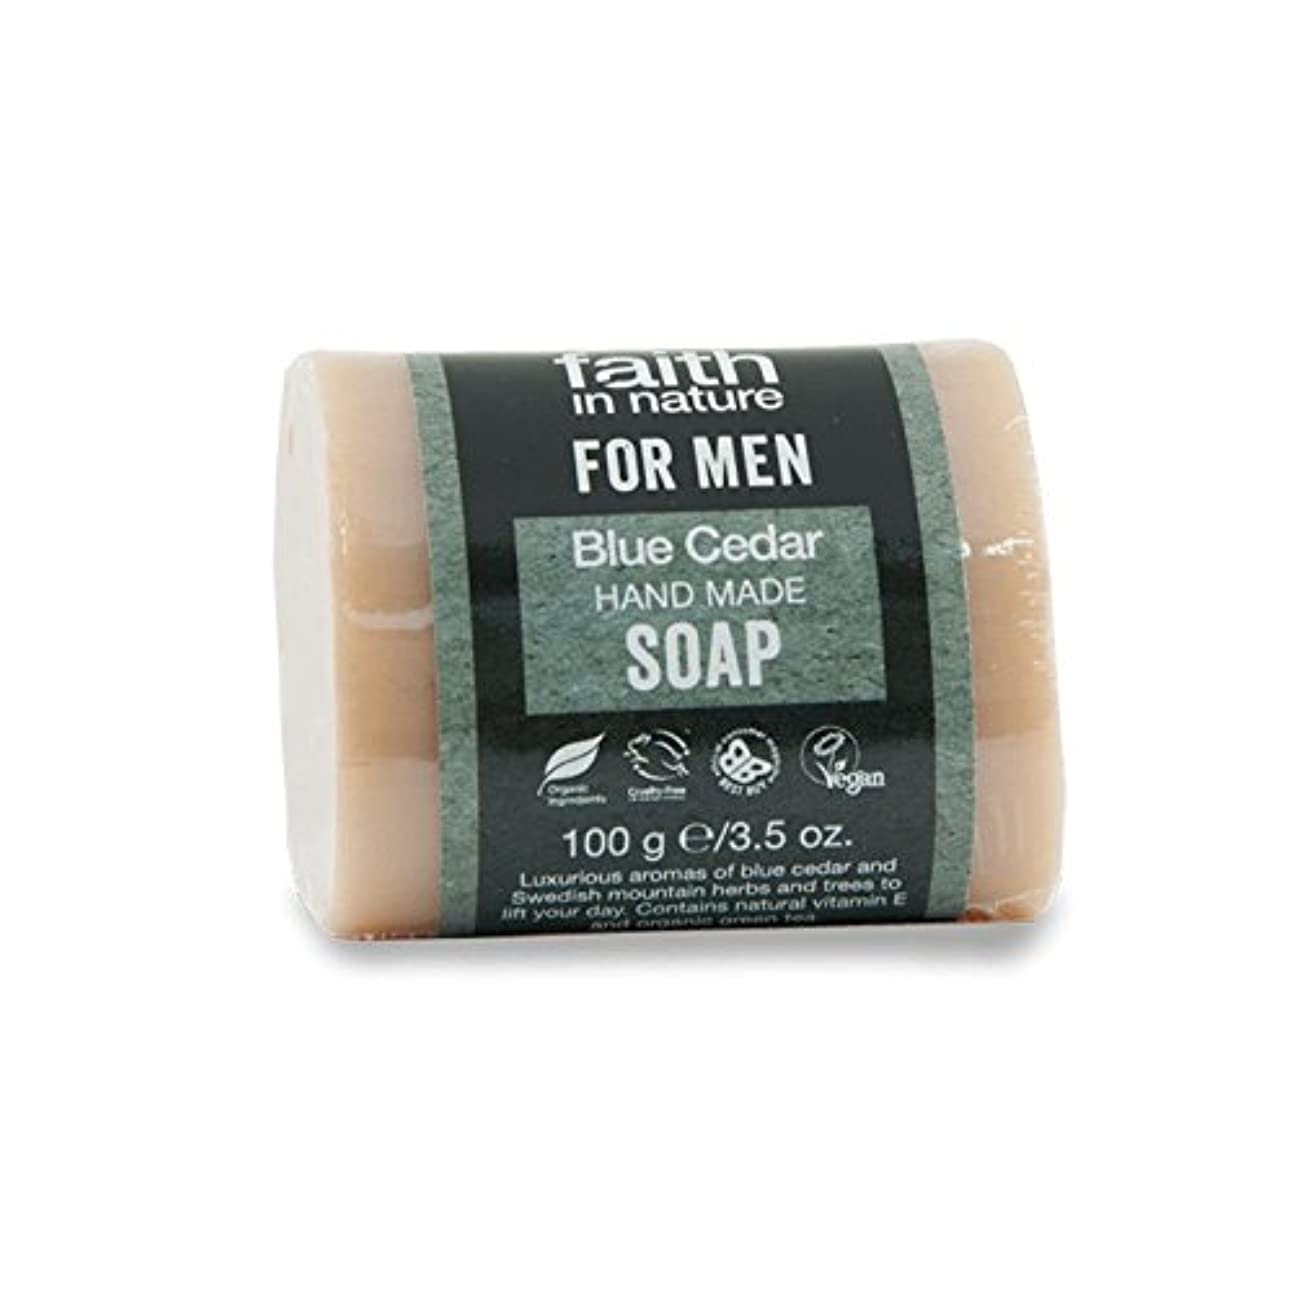 男性青杉の石鹸100グラムのための自然の中で信仰 - Faith in Nature for Men Blue Cedar Soap 100g (Faith in Nature) [並行輸入品]